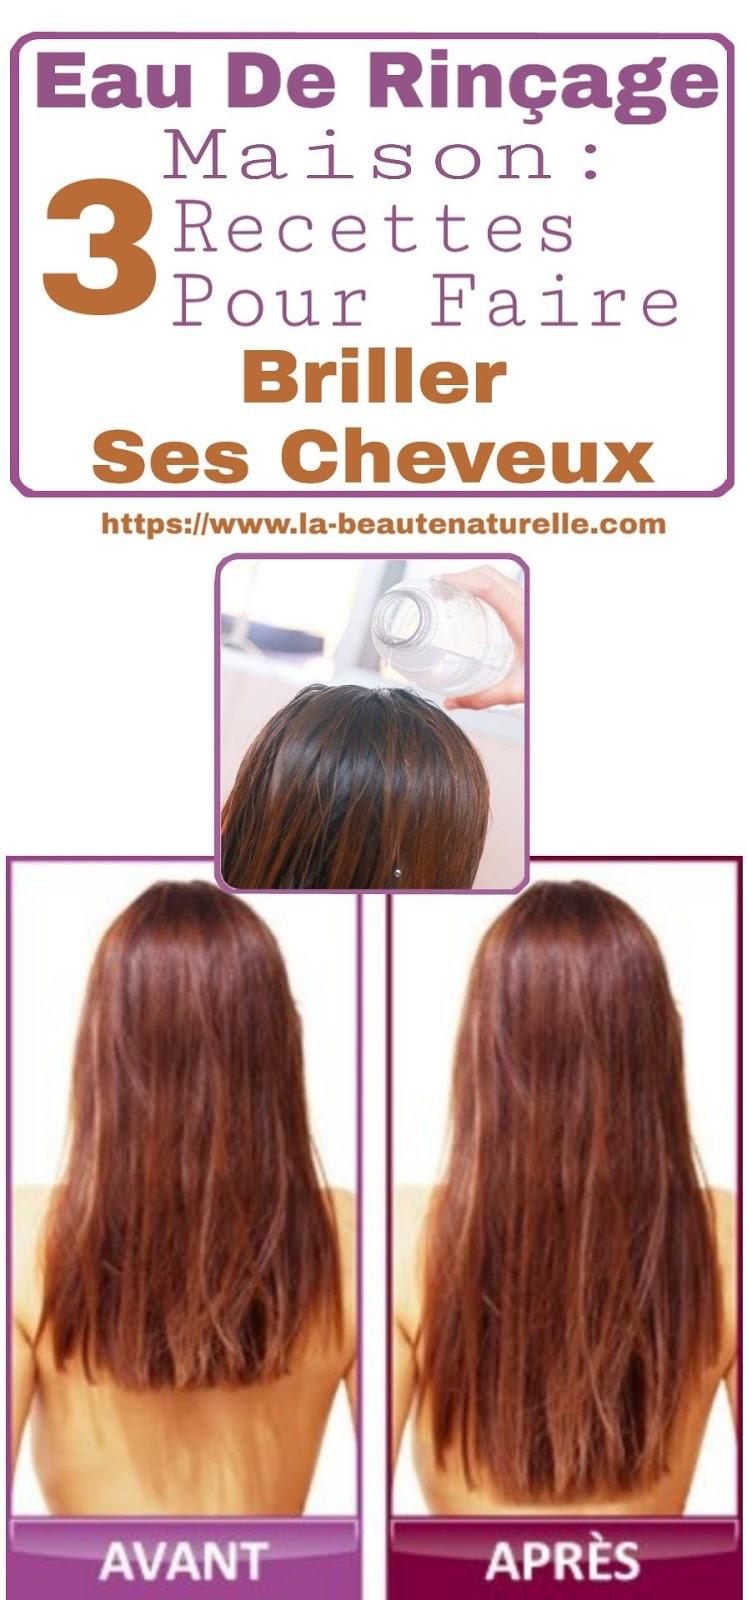 Eau De Rinçage Maison: 3 Recettes Pour Faire Briller Ses Cheveux